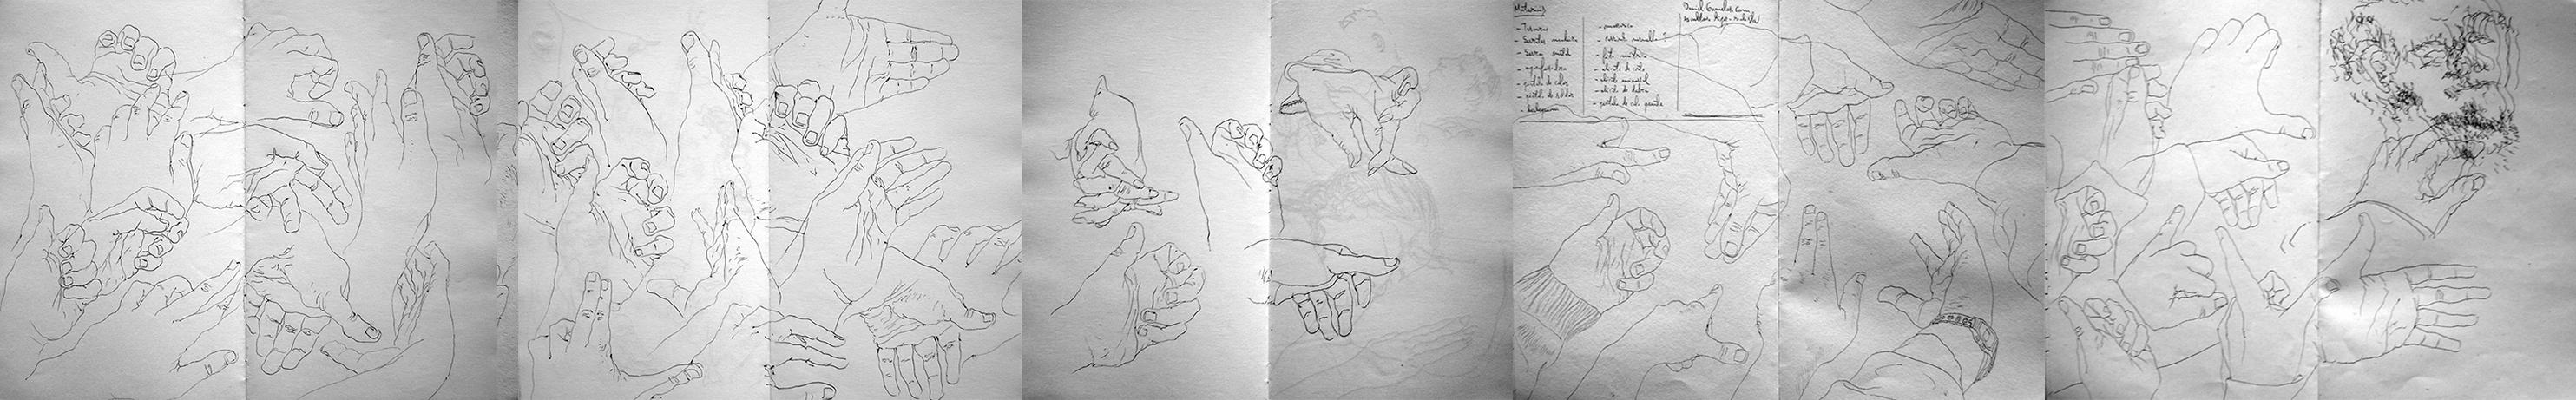 doodles_hands_drawing_grande_002